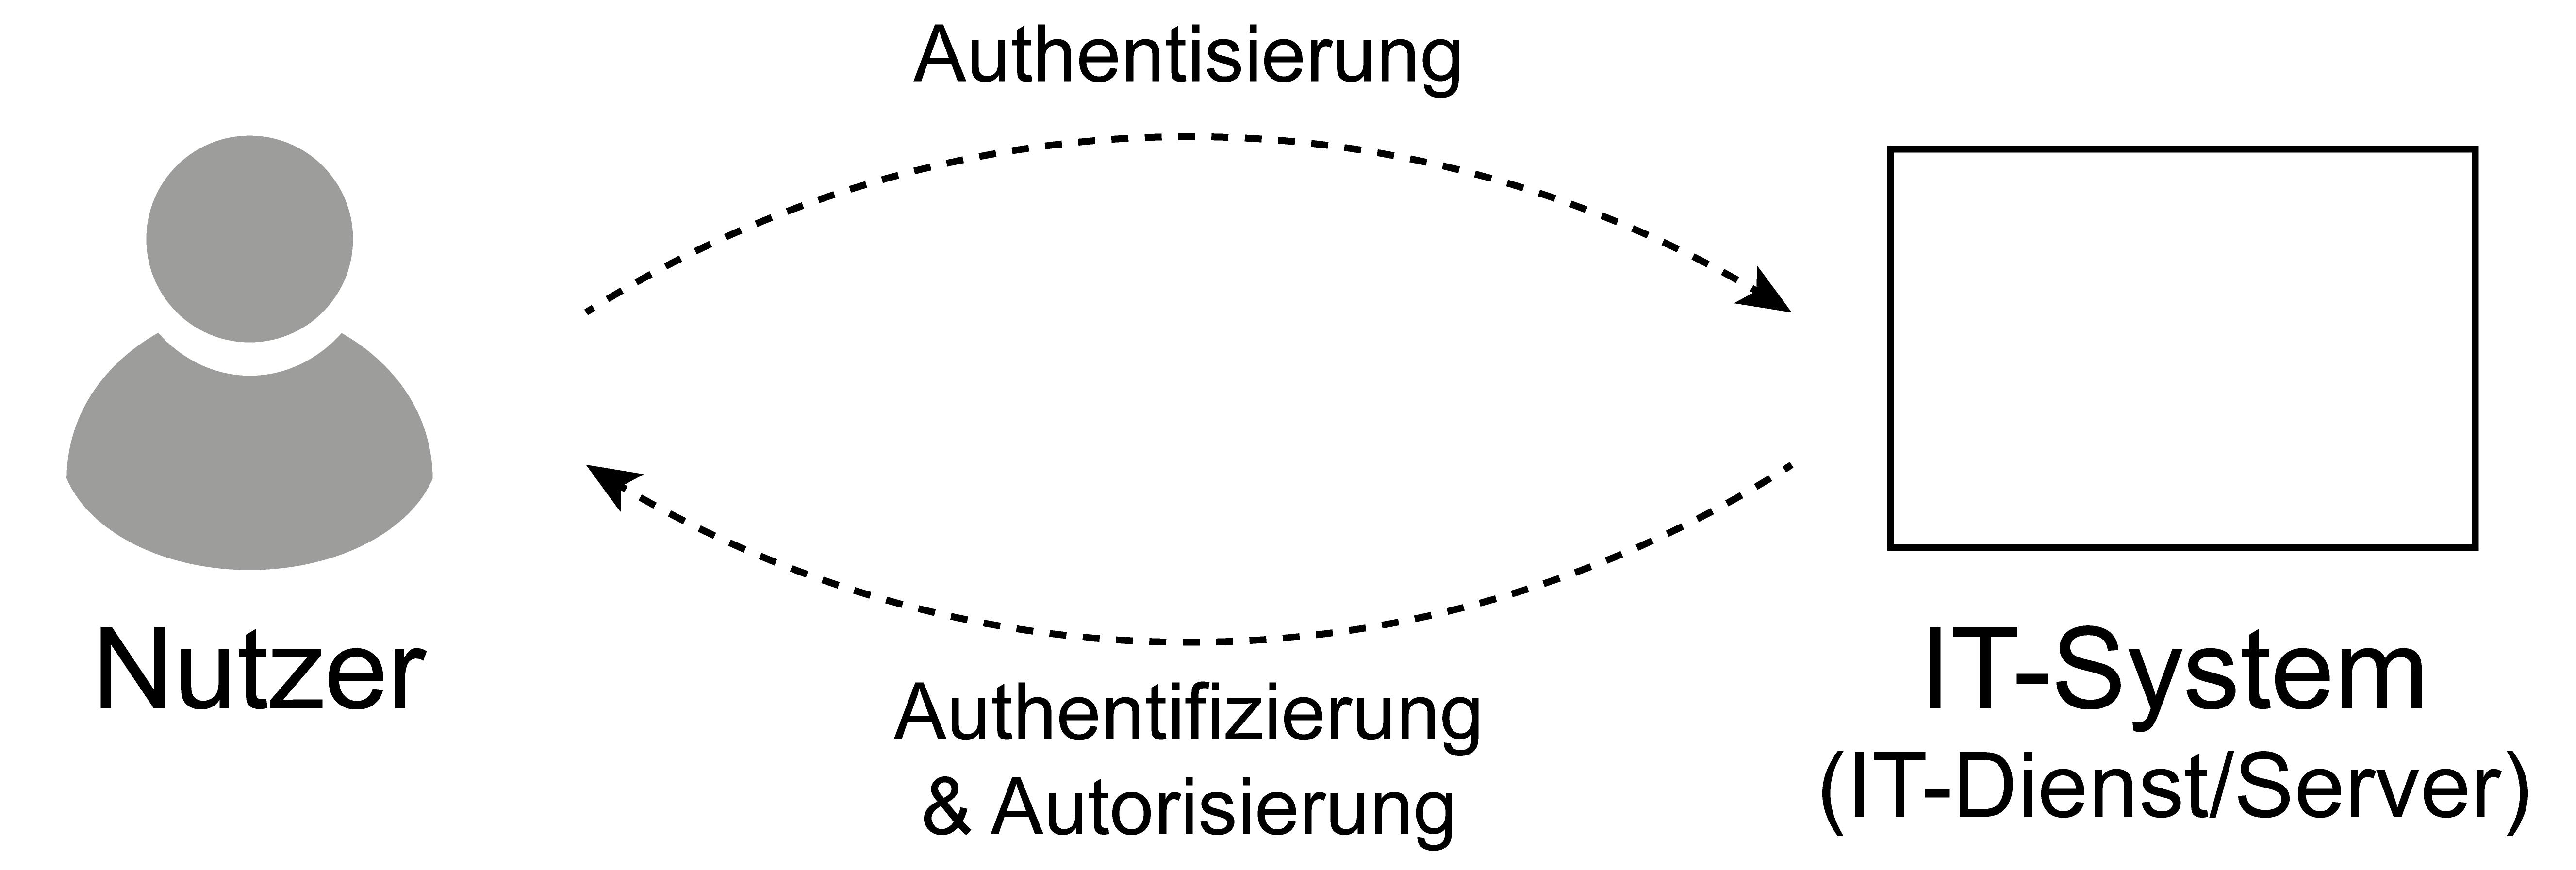 """Symbol für """"Authentifikation - Authentisierung - Autorisierung"""" – Glossar Cyber-Sicherheit – Prof. Norbert Pohlmann"""